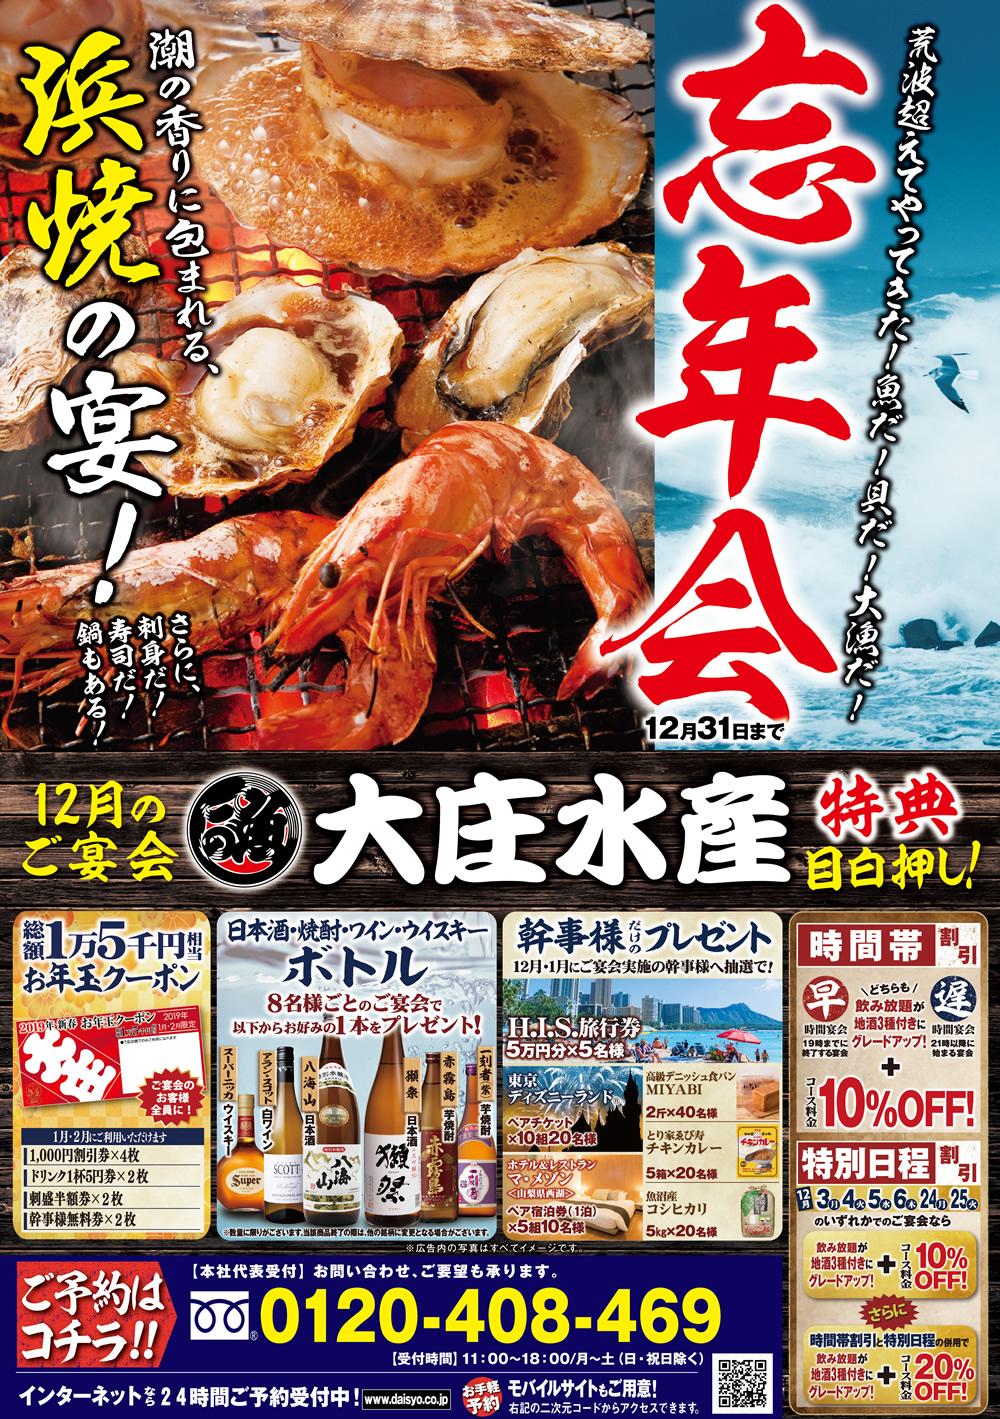 【大庄水産】特典目白押し!大庄グループの忘年会2018